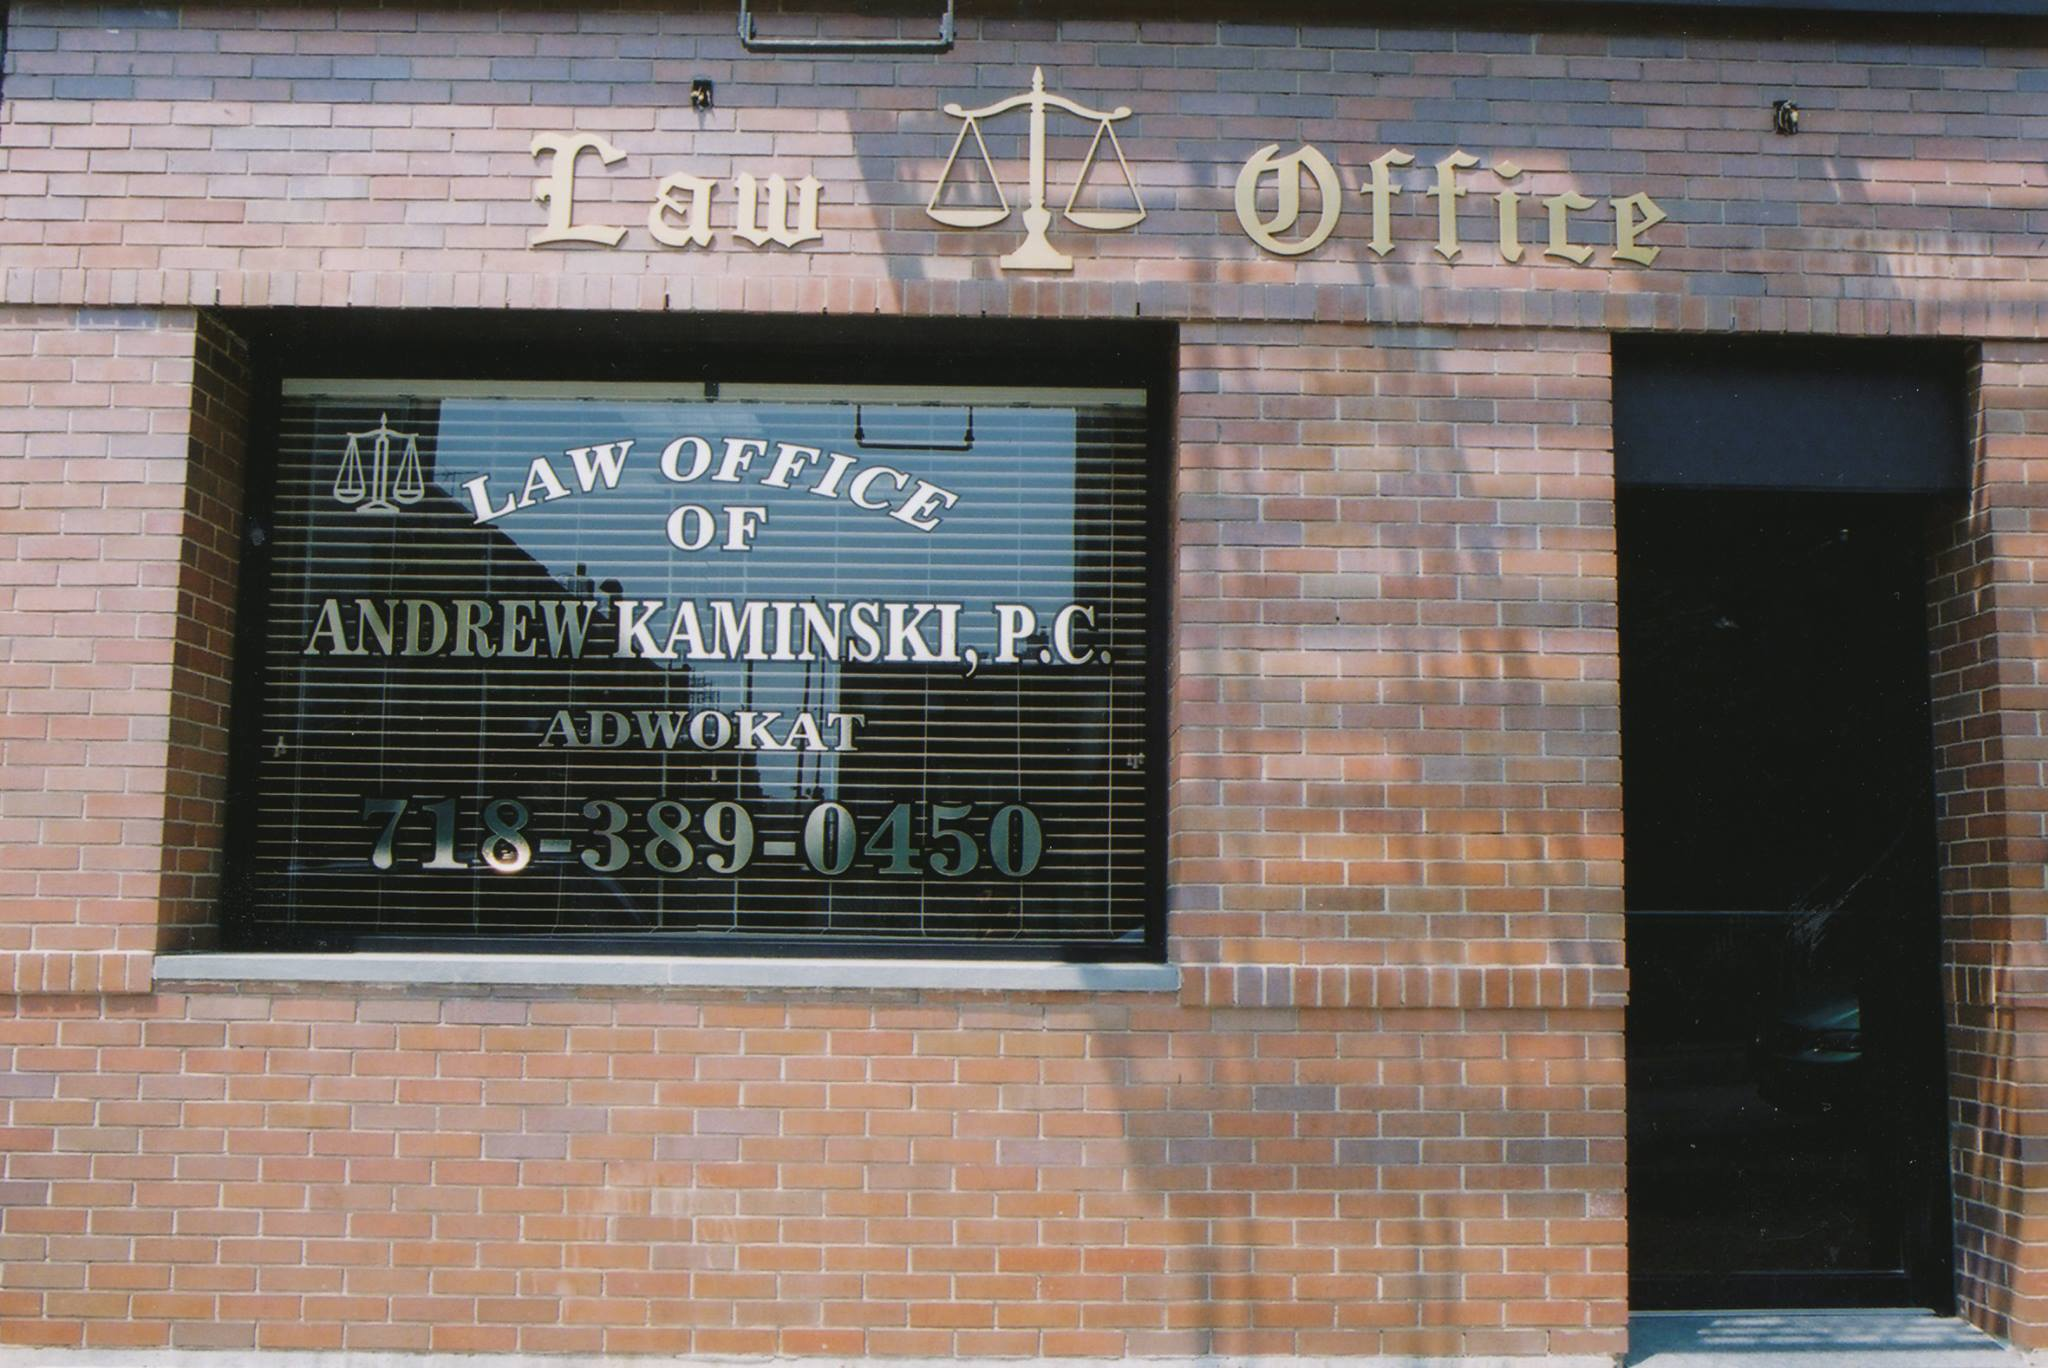 Polski adwokat na sprawy kryminalne, aresztowania za pobicia, napady, wykroczenia drogowe w Nowym Jorku